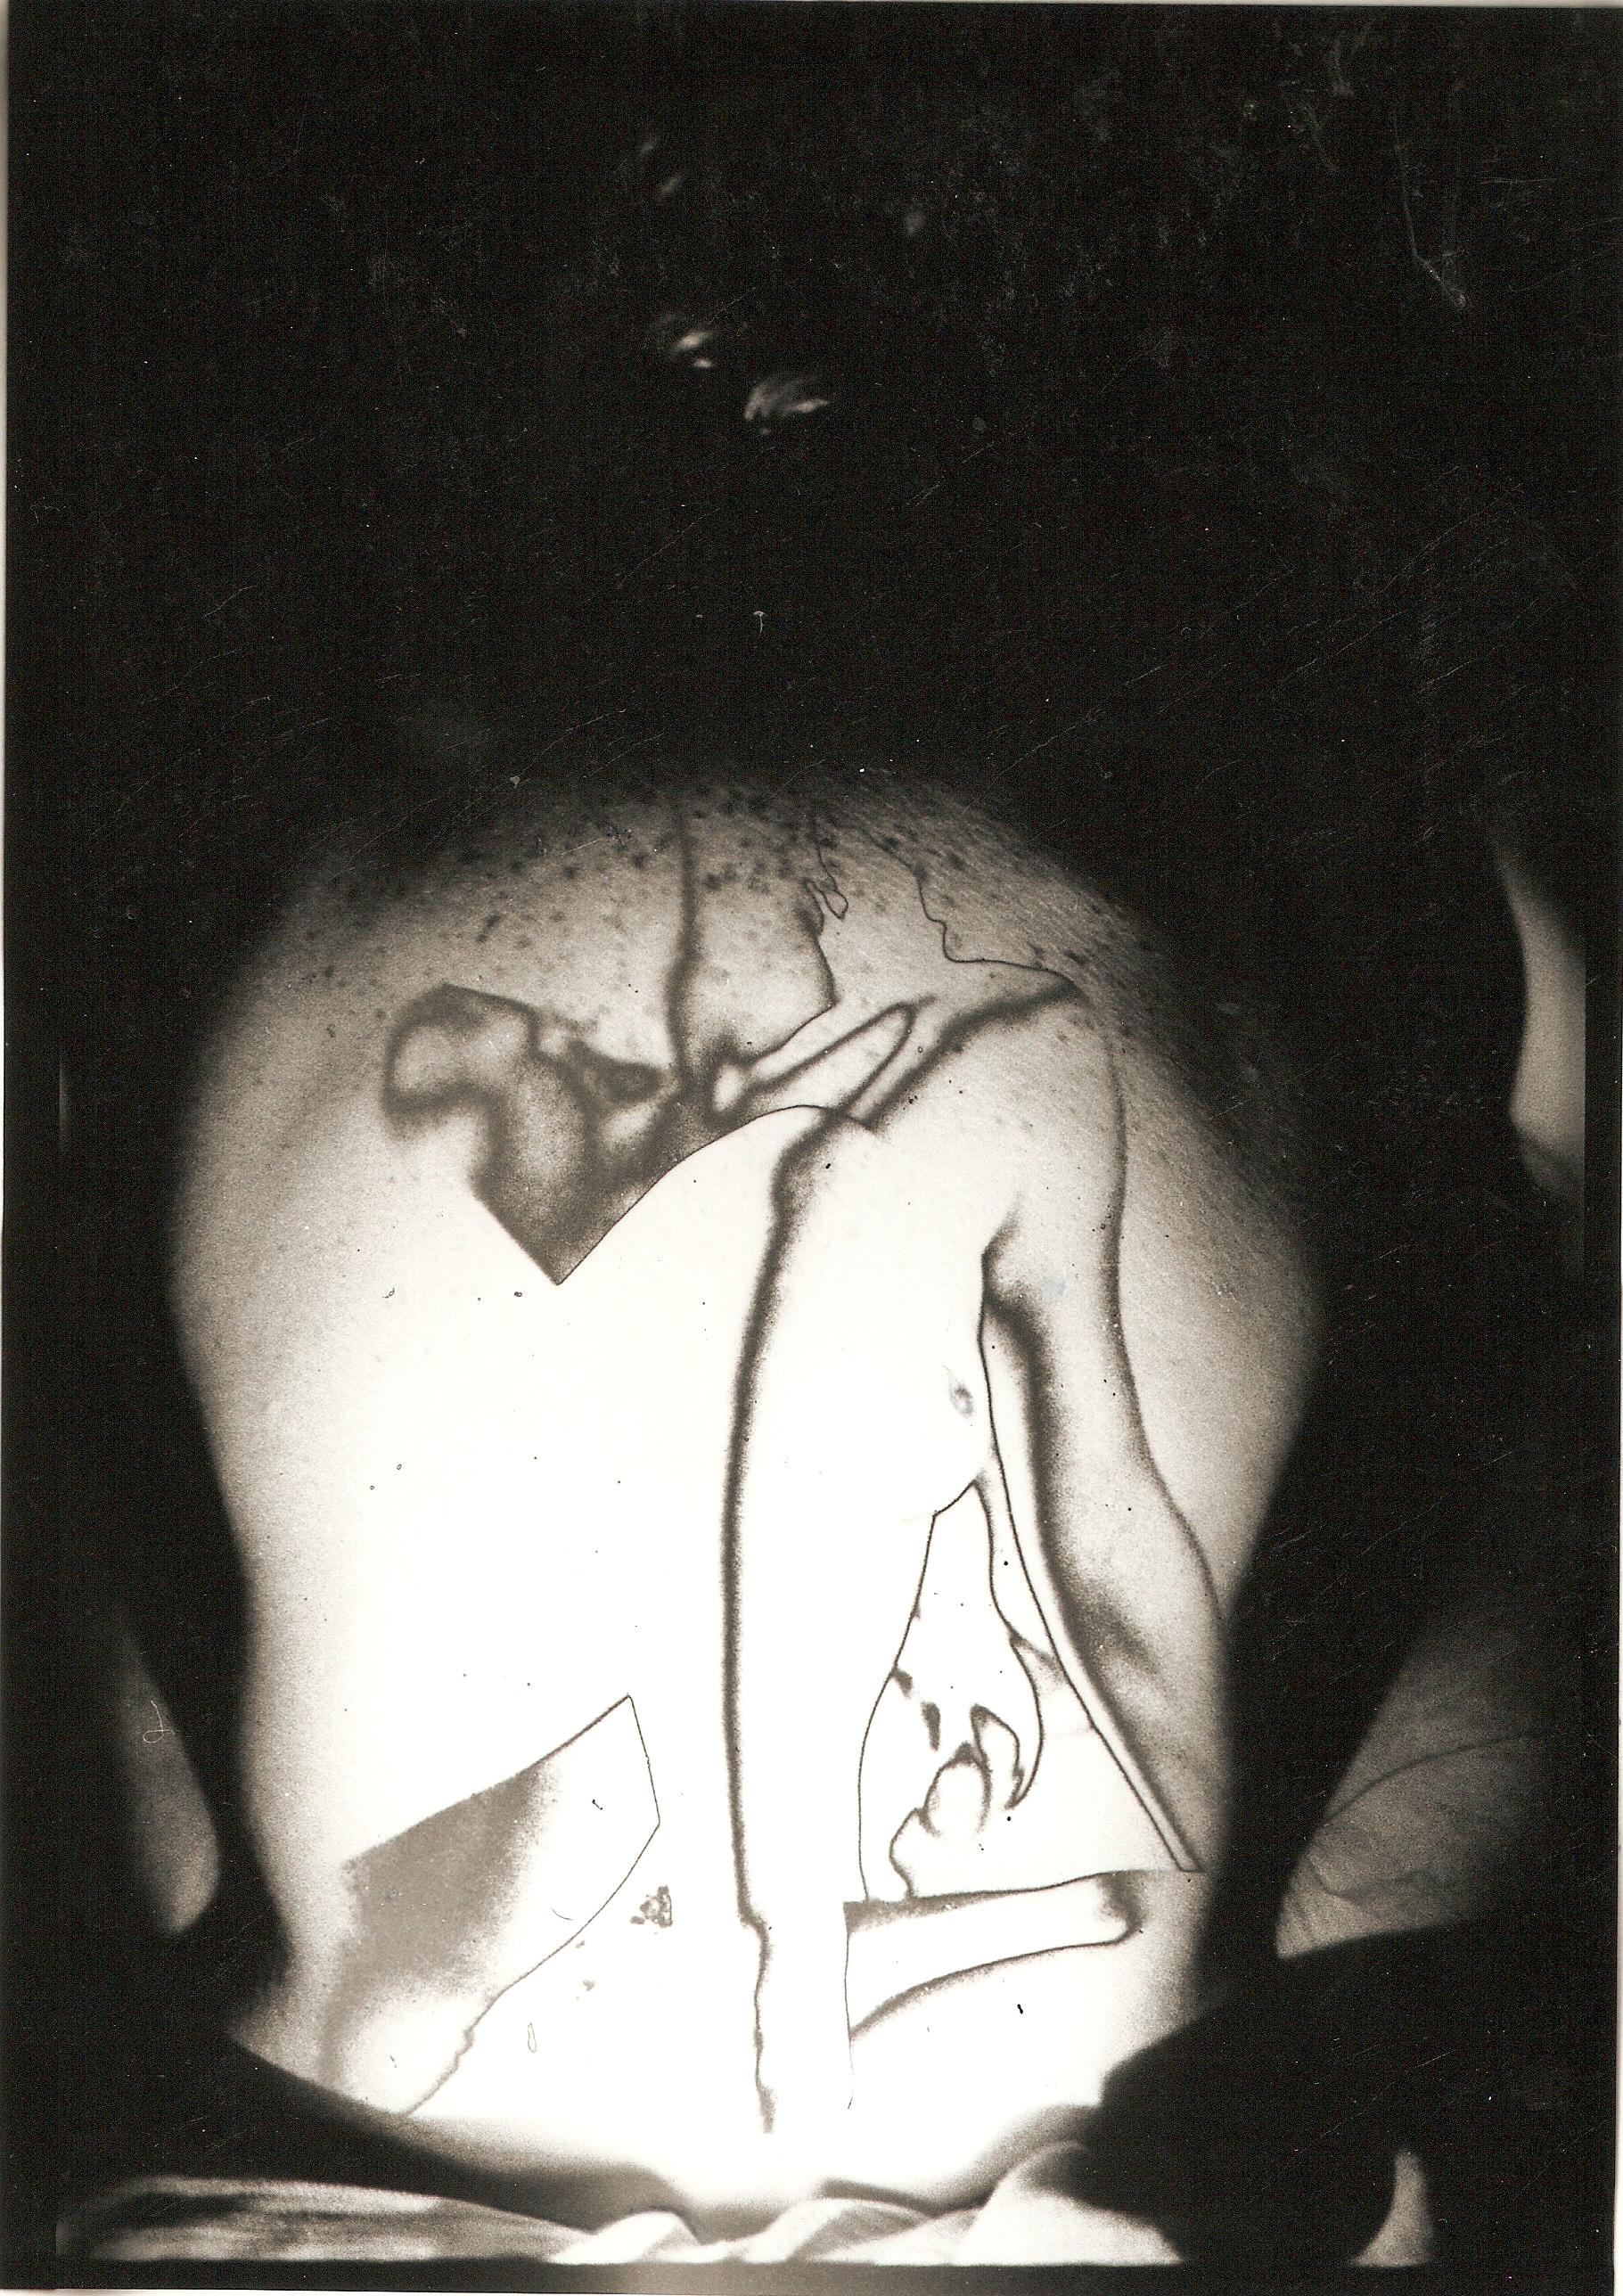 Loren Ellis Dynamic Equilibrium 1 of 4 8 x 10 1976.jpg